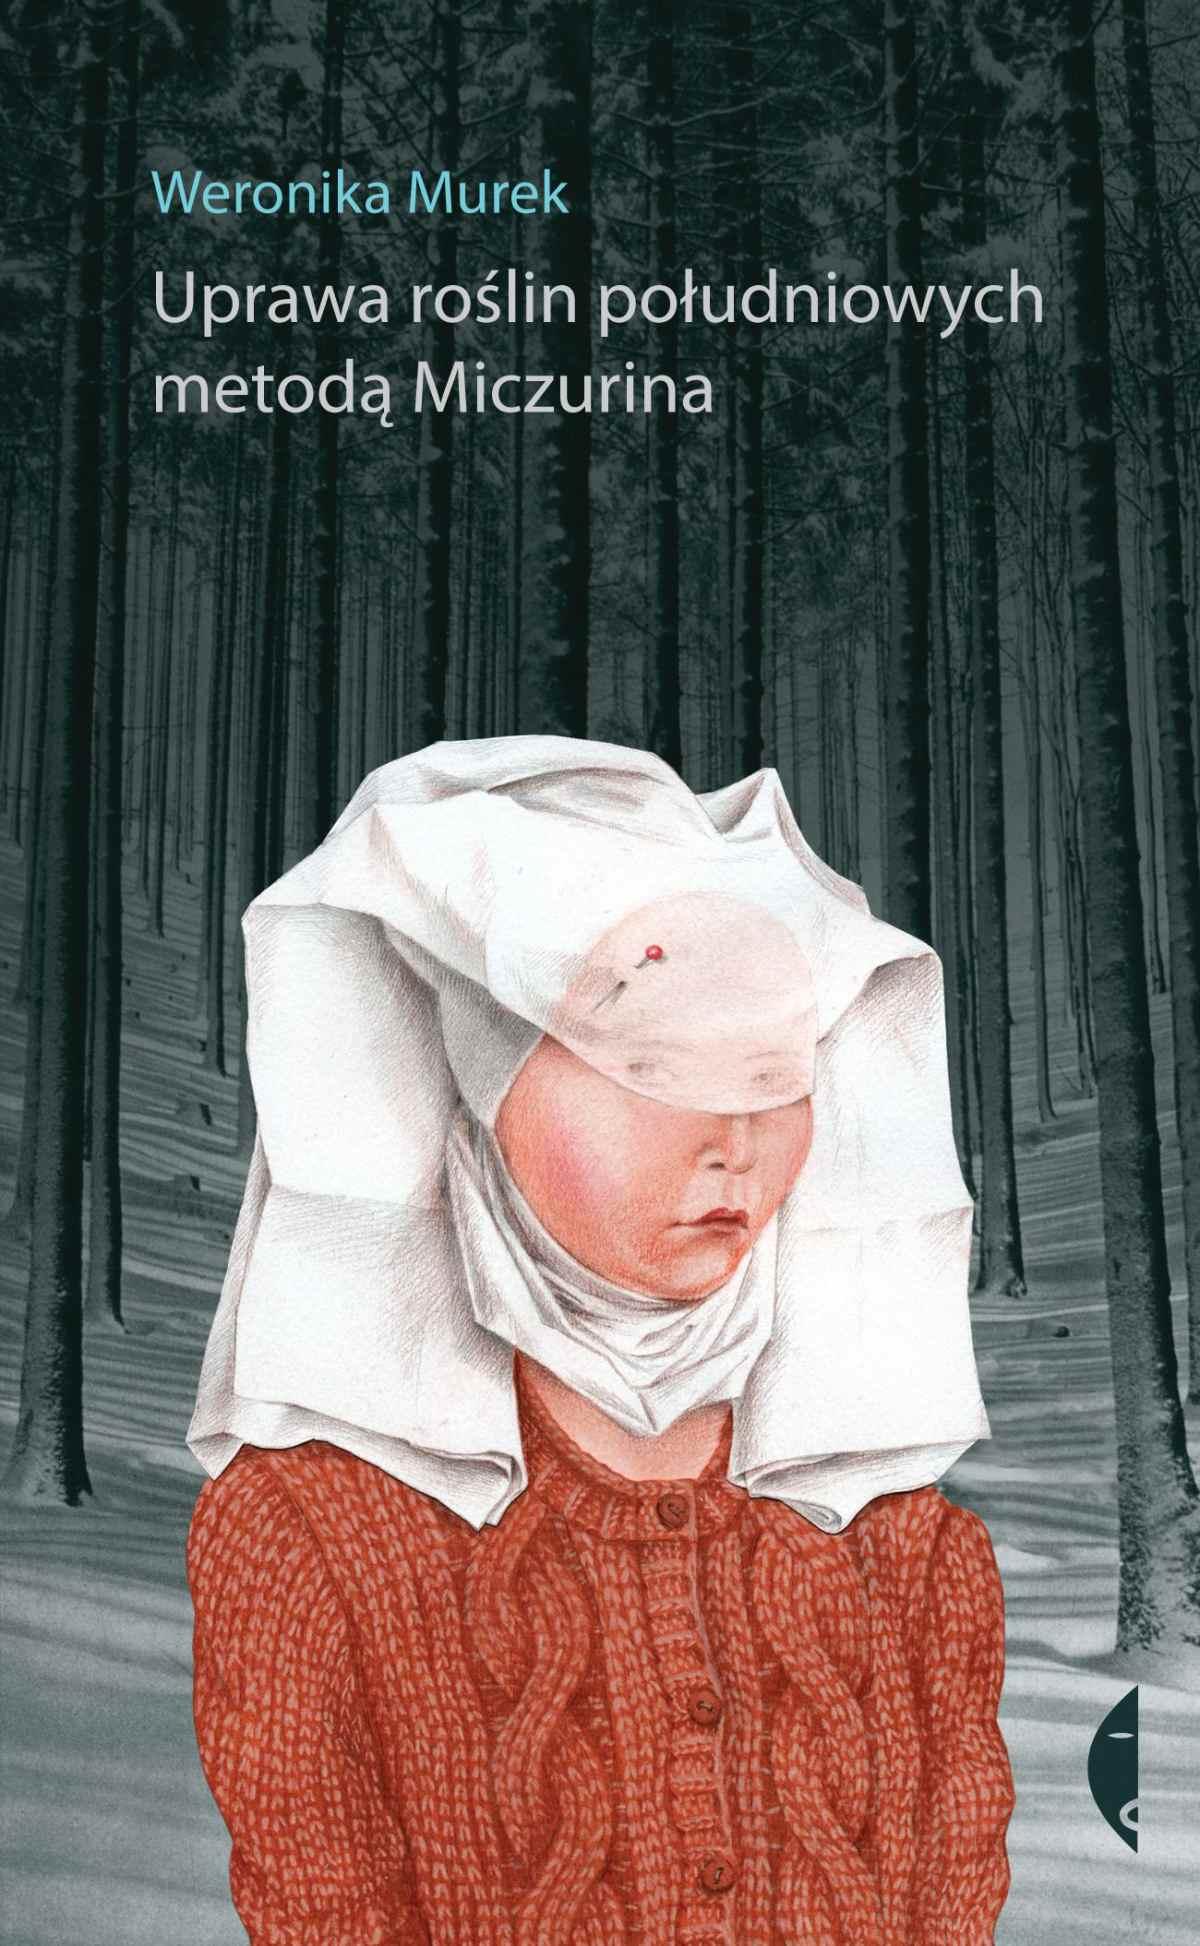 Uprawa roślin południowych metodą Miczurina - Ebook (Książka na Kindle) do pobrania w formacie MOBI